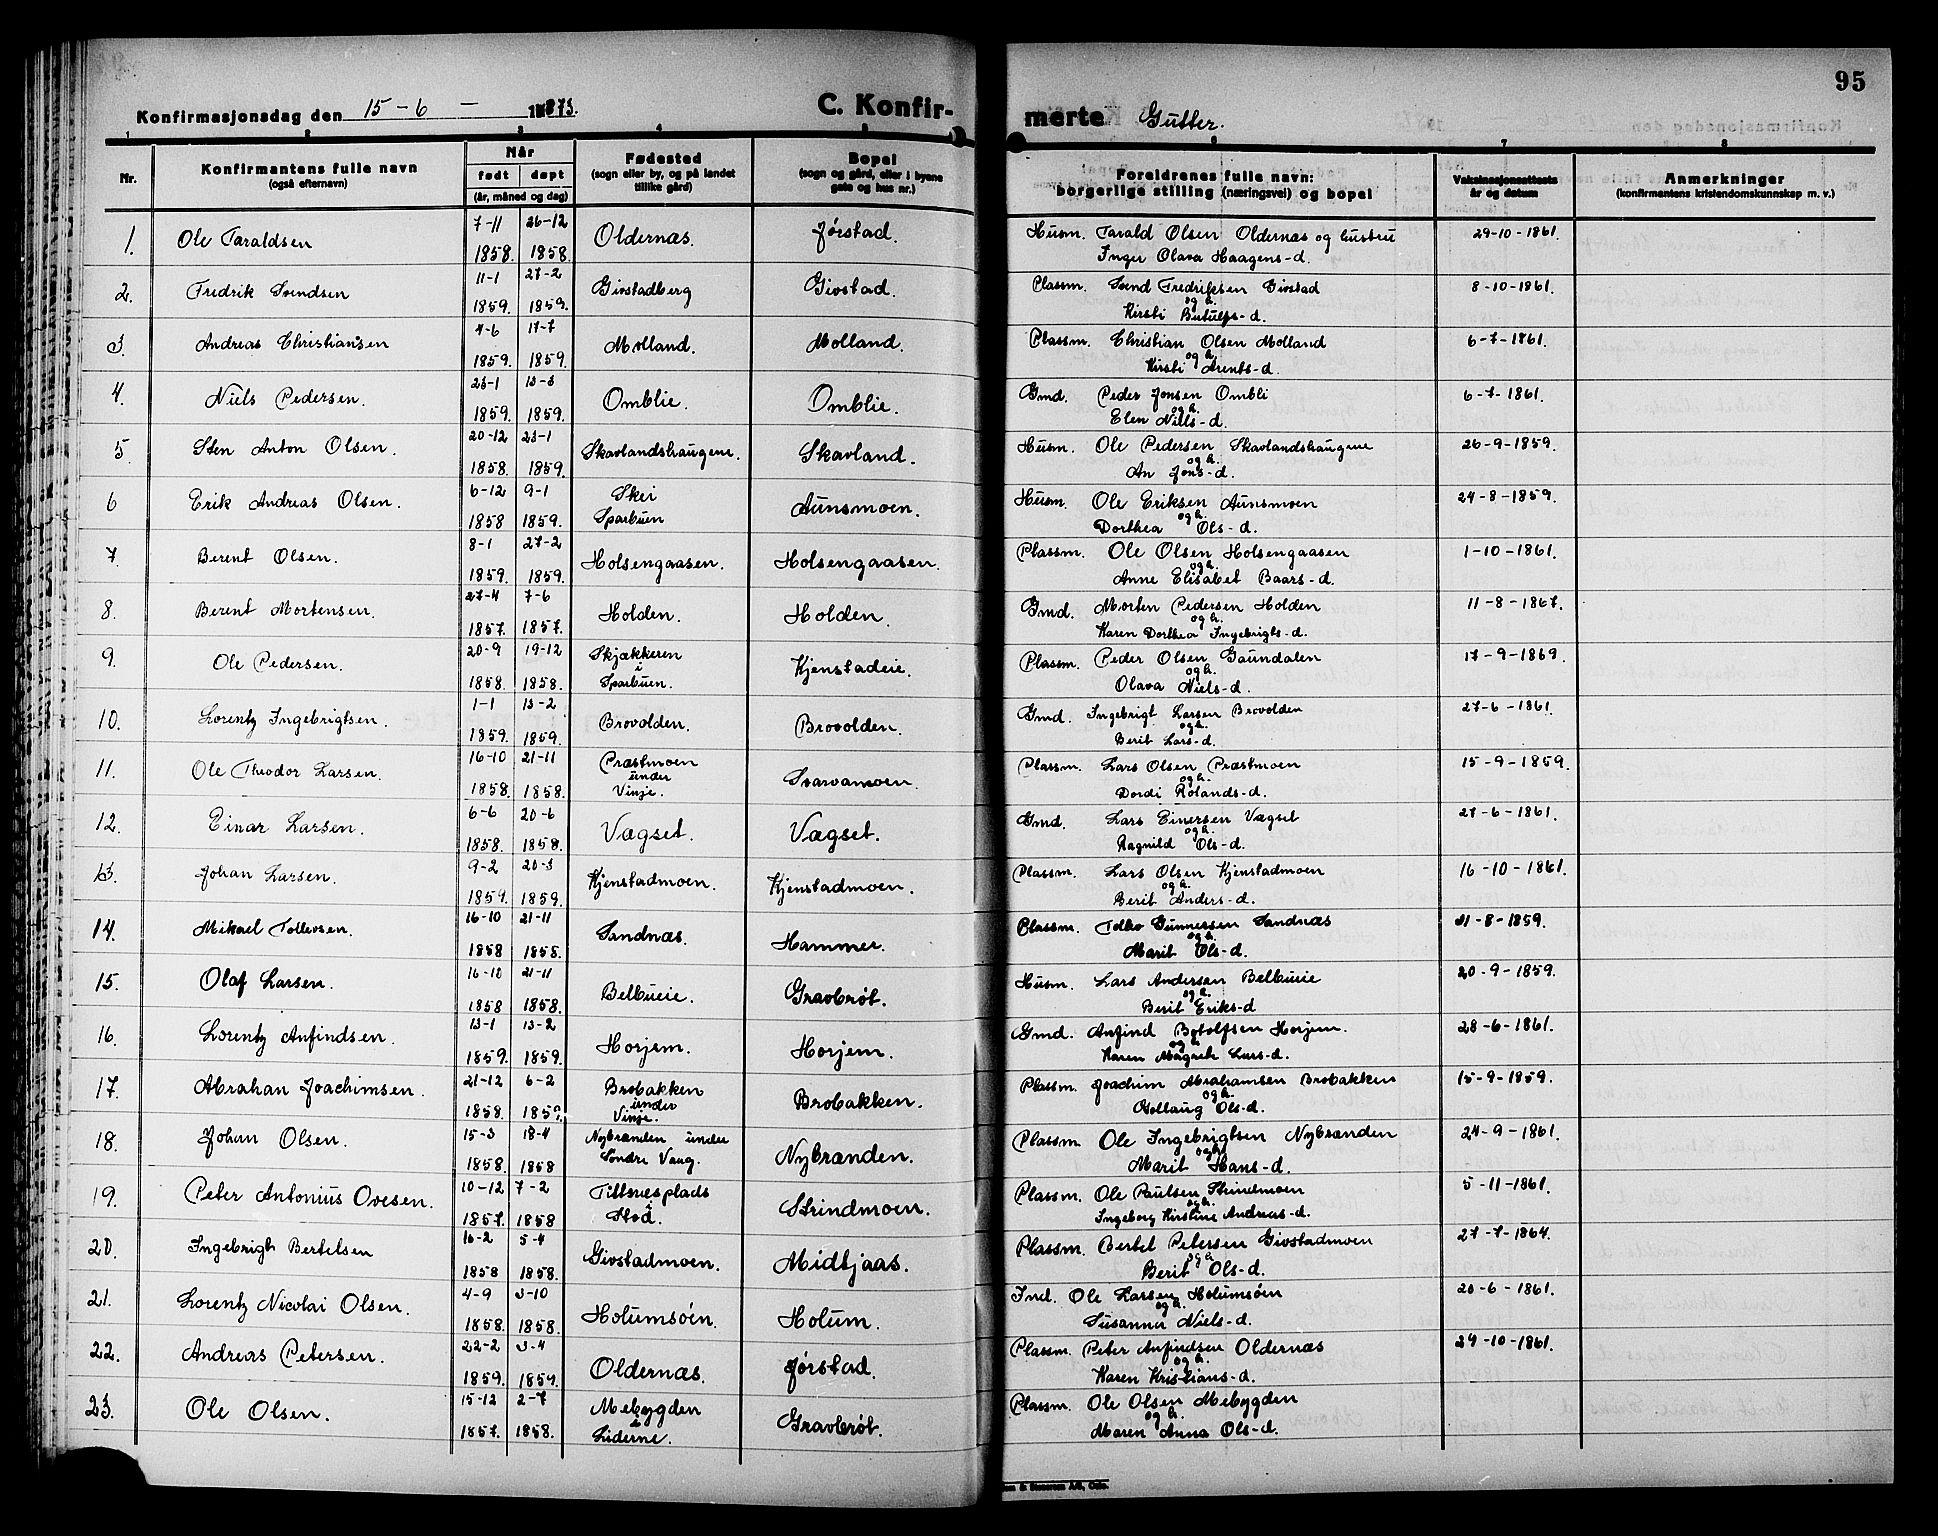 SAT, Ministerialprotokoller, klokkerbøker og fødselsregistre - Nord-Trøndelag, 749/L0486: Ministerialbok nr. 749D02, 1873-1887, s. 95